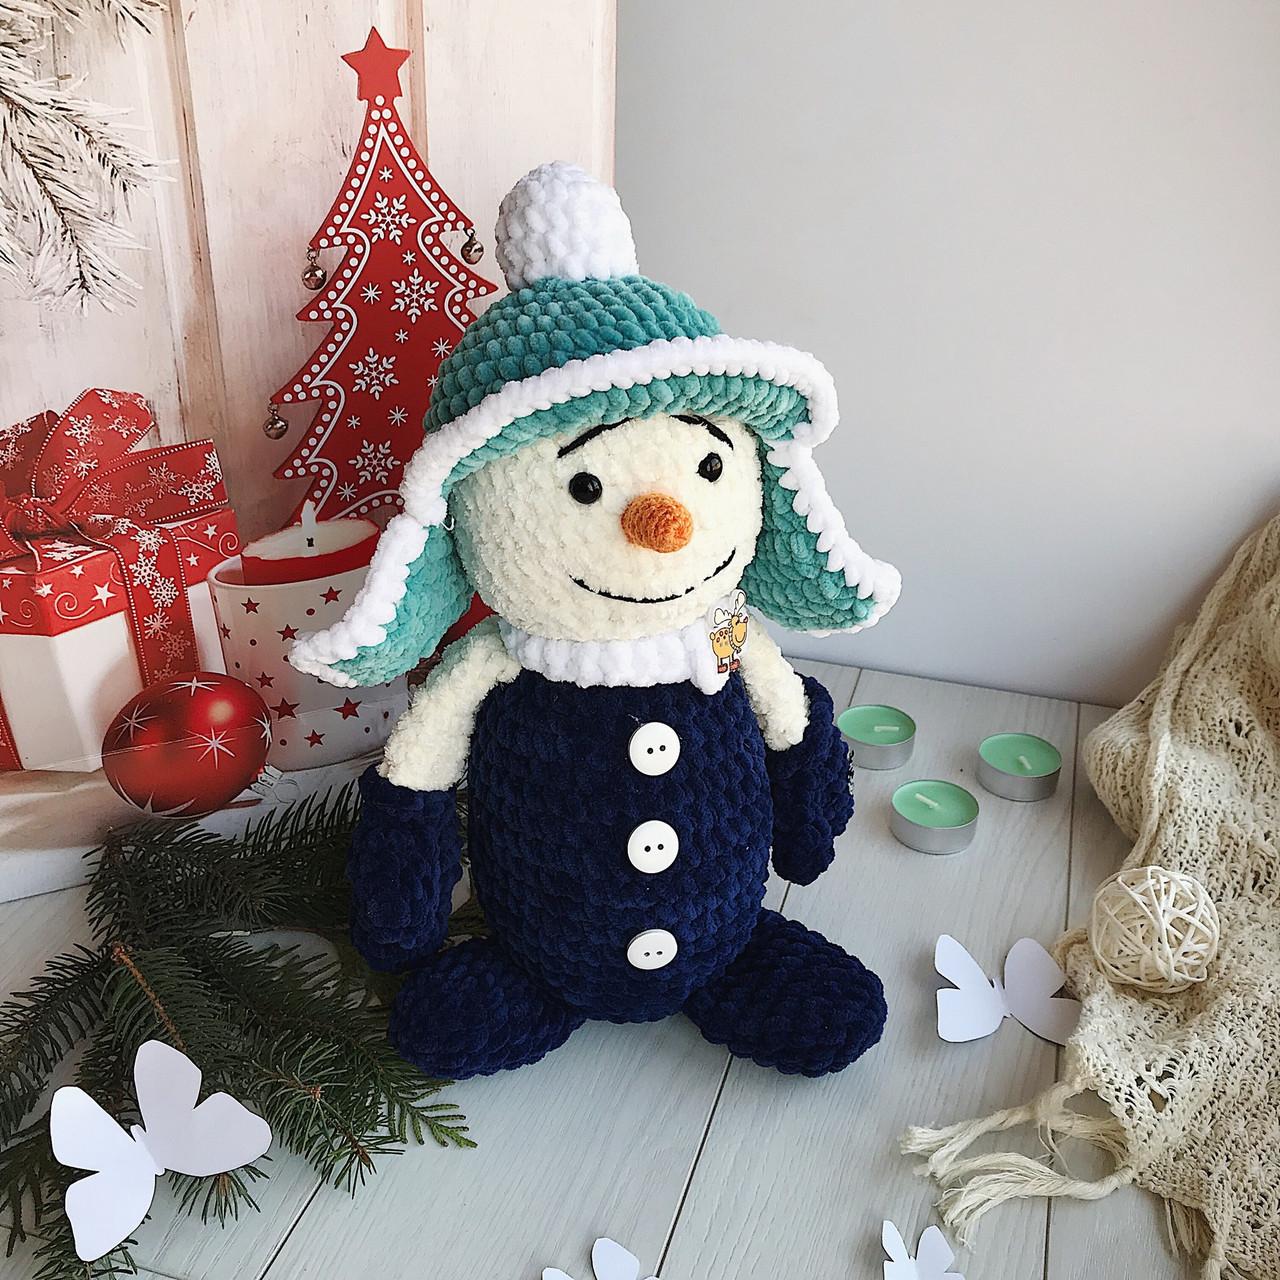 Вязанная детская игрушка ручной работы «Снеговик»